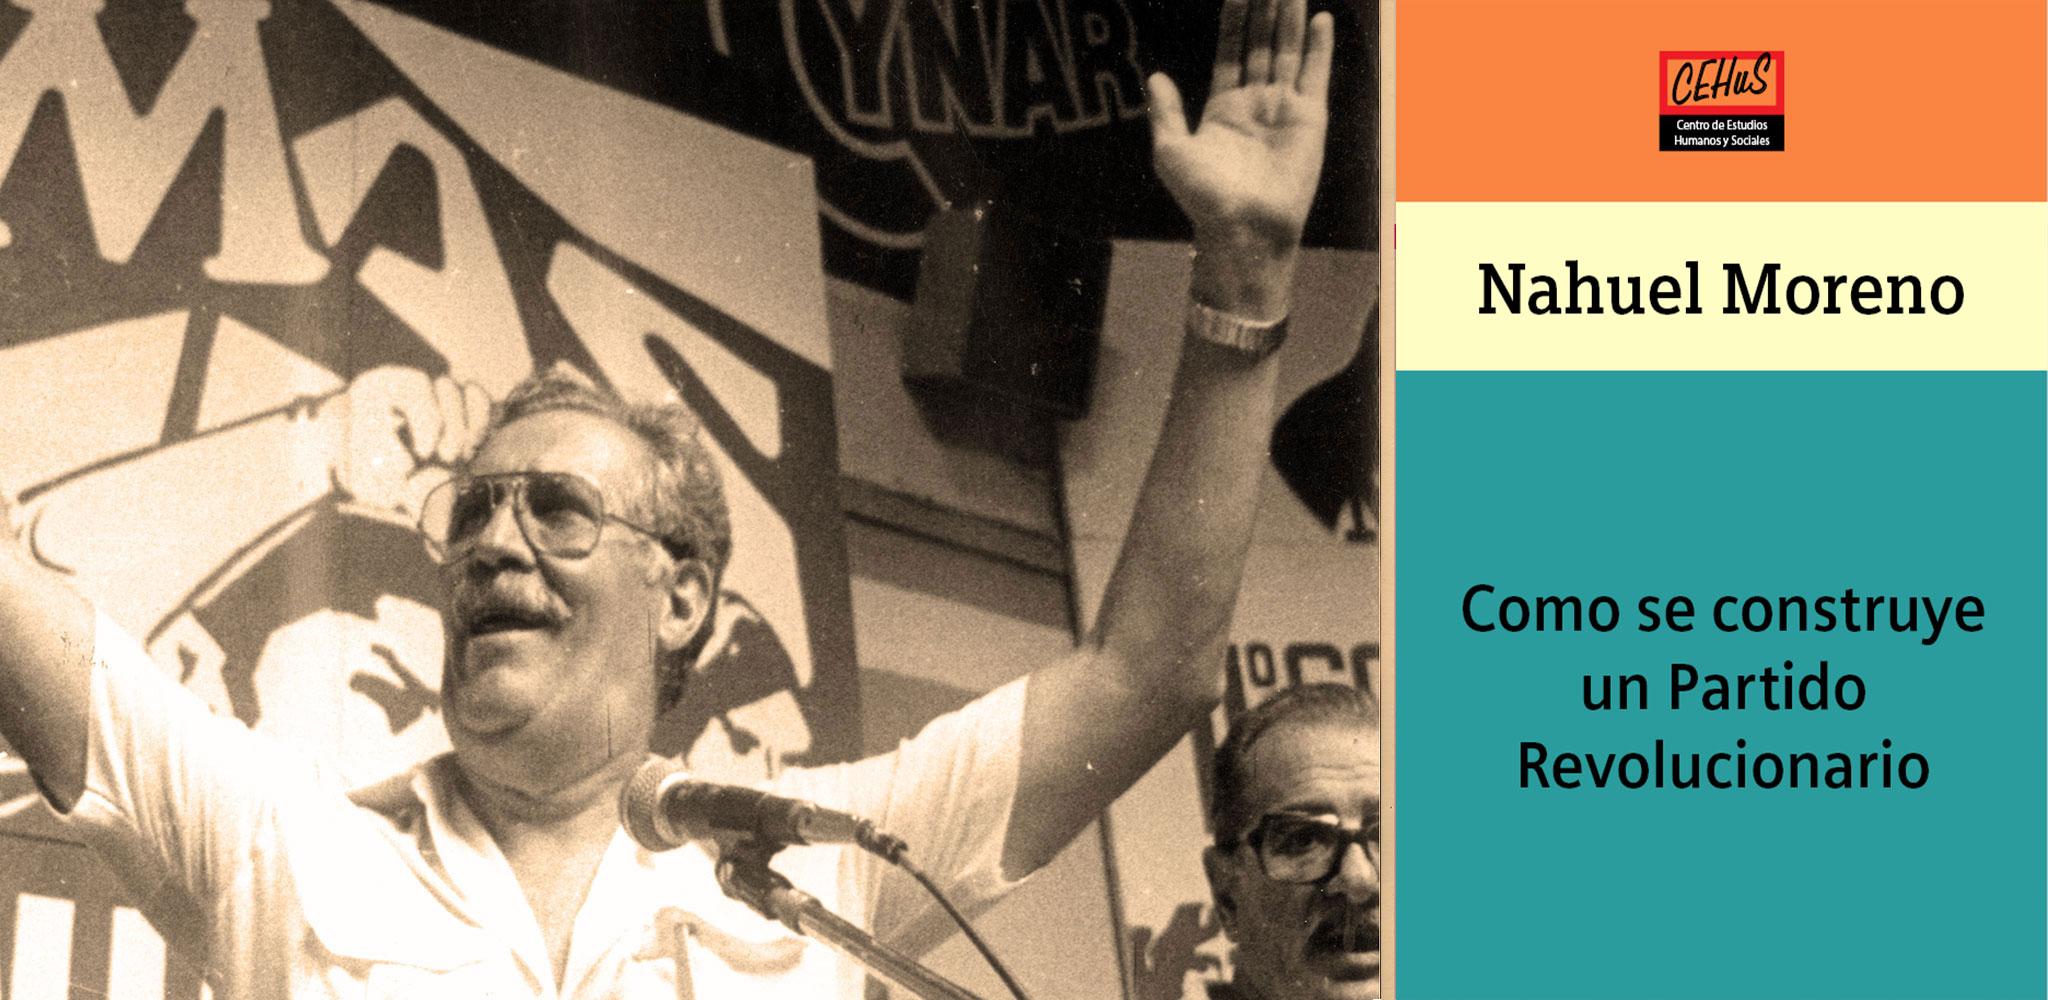 COMO SE CONSTRUYE UN PARTIDO REVOLUCIONARIO (1976)